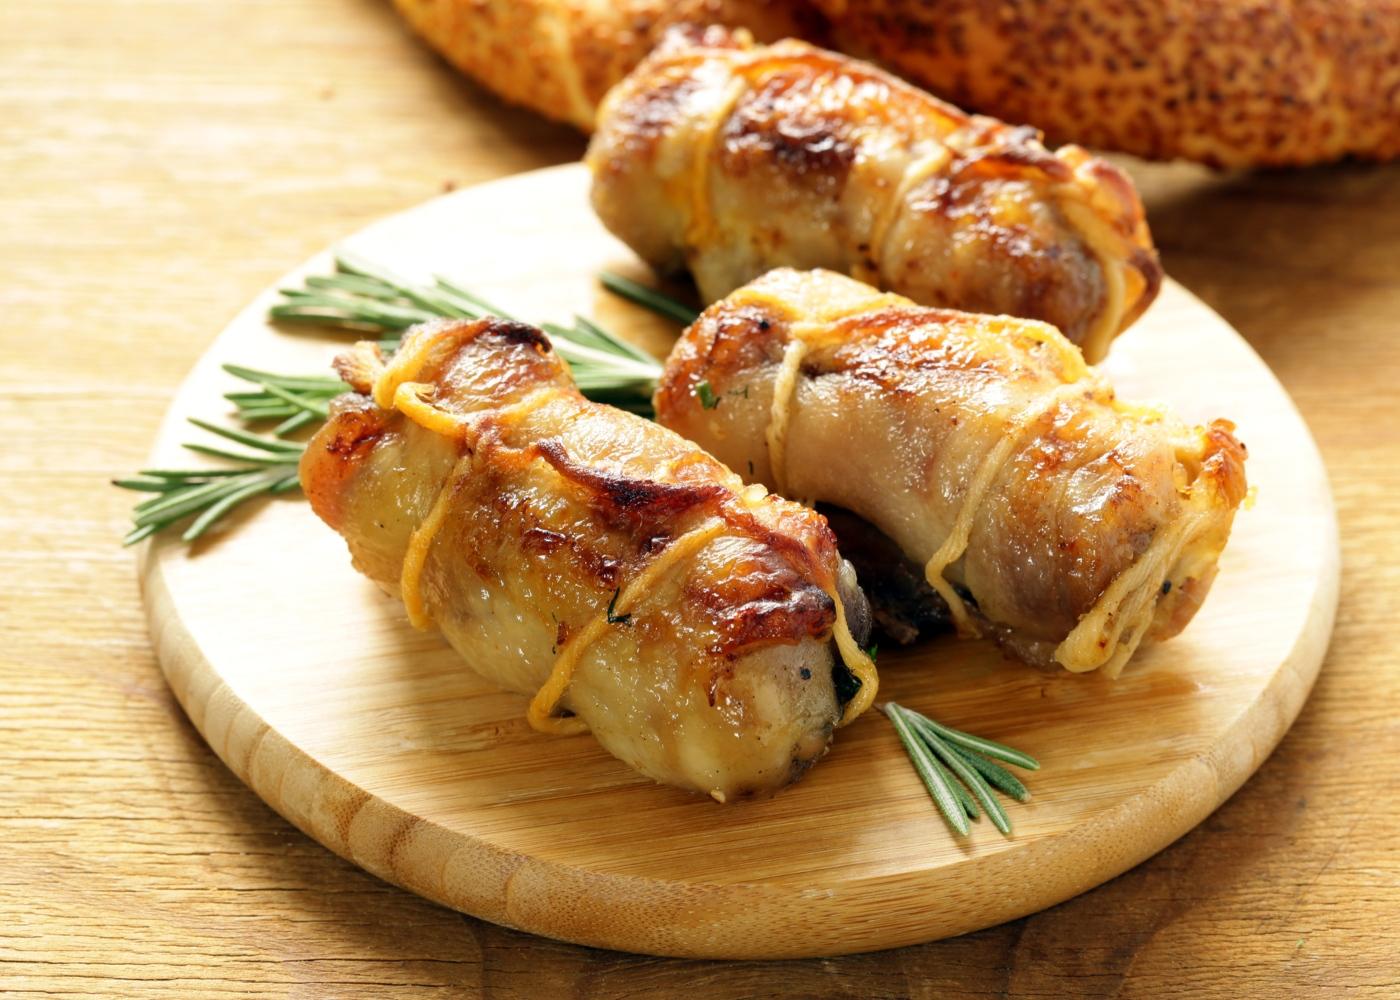 Bifinhos de frango enrolados em bacon